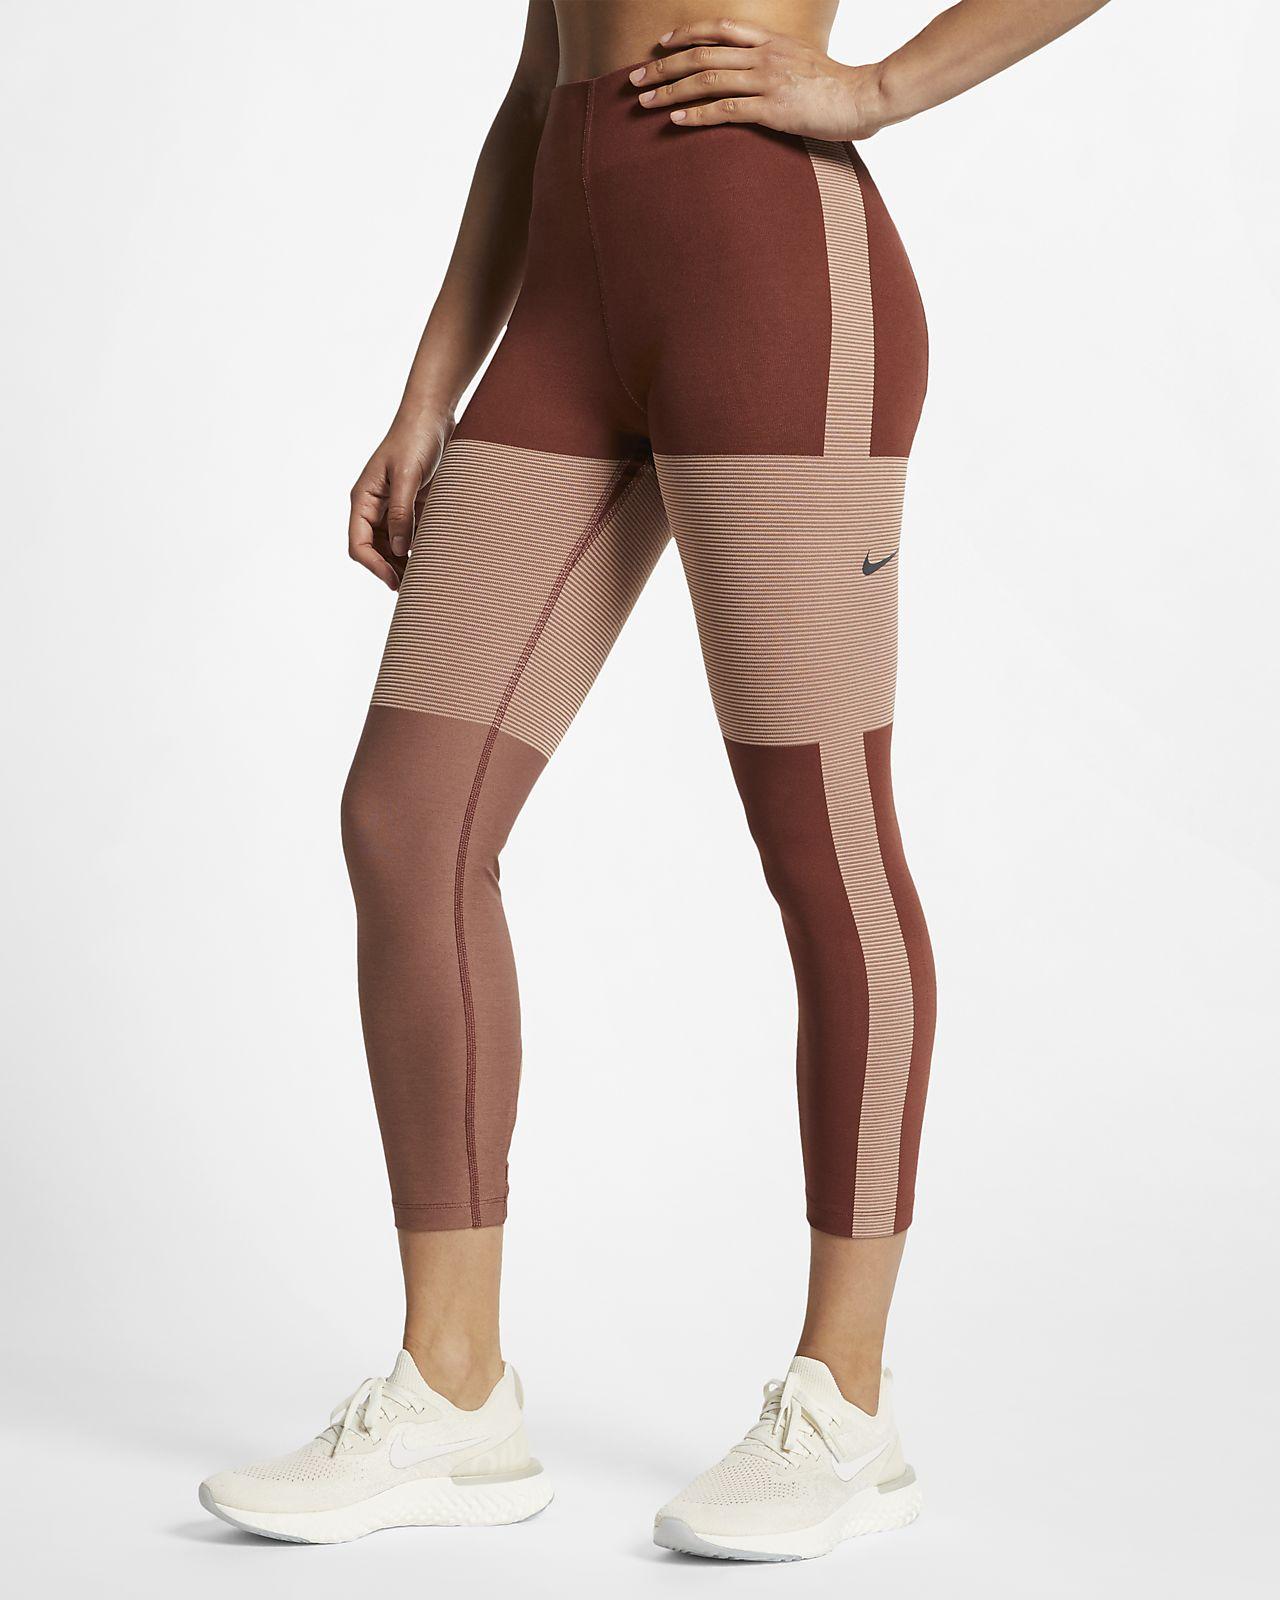 Ankellange Nike Tech Pack-løbebukser til kvinder